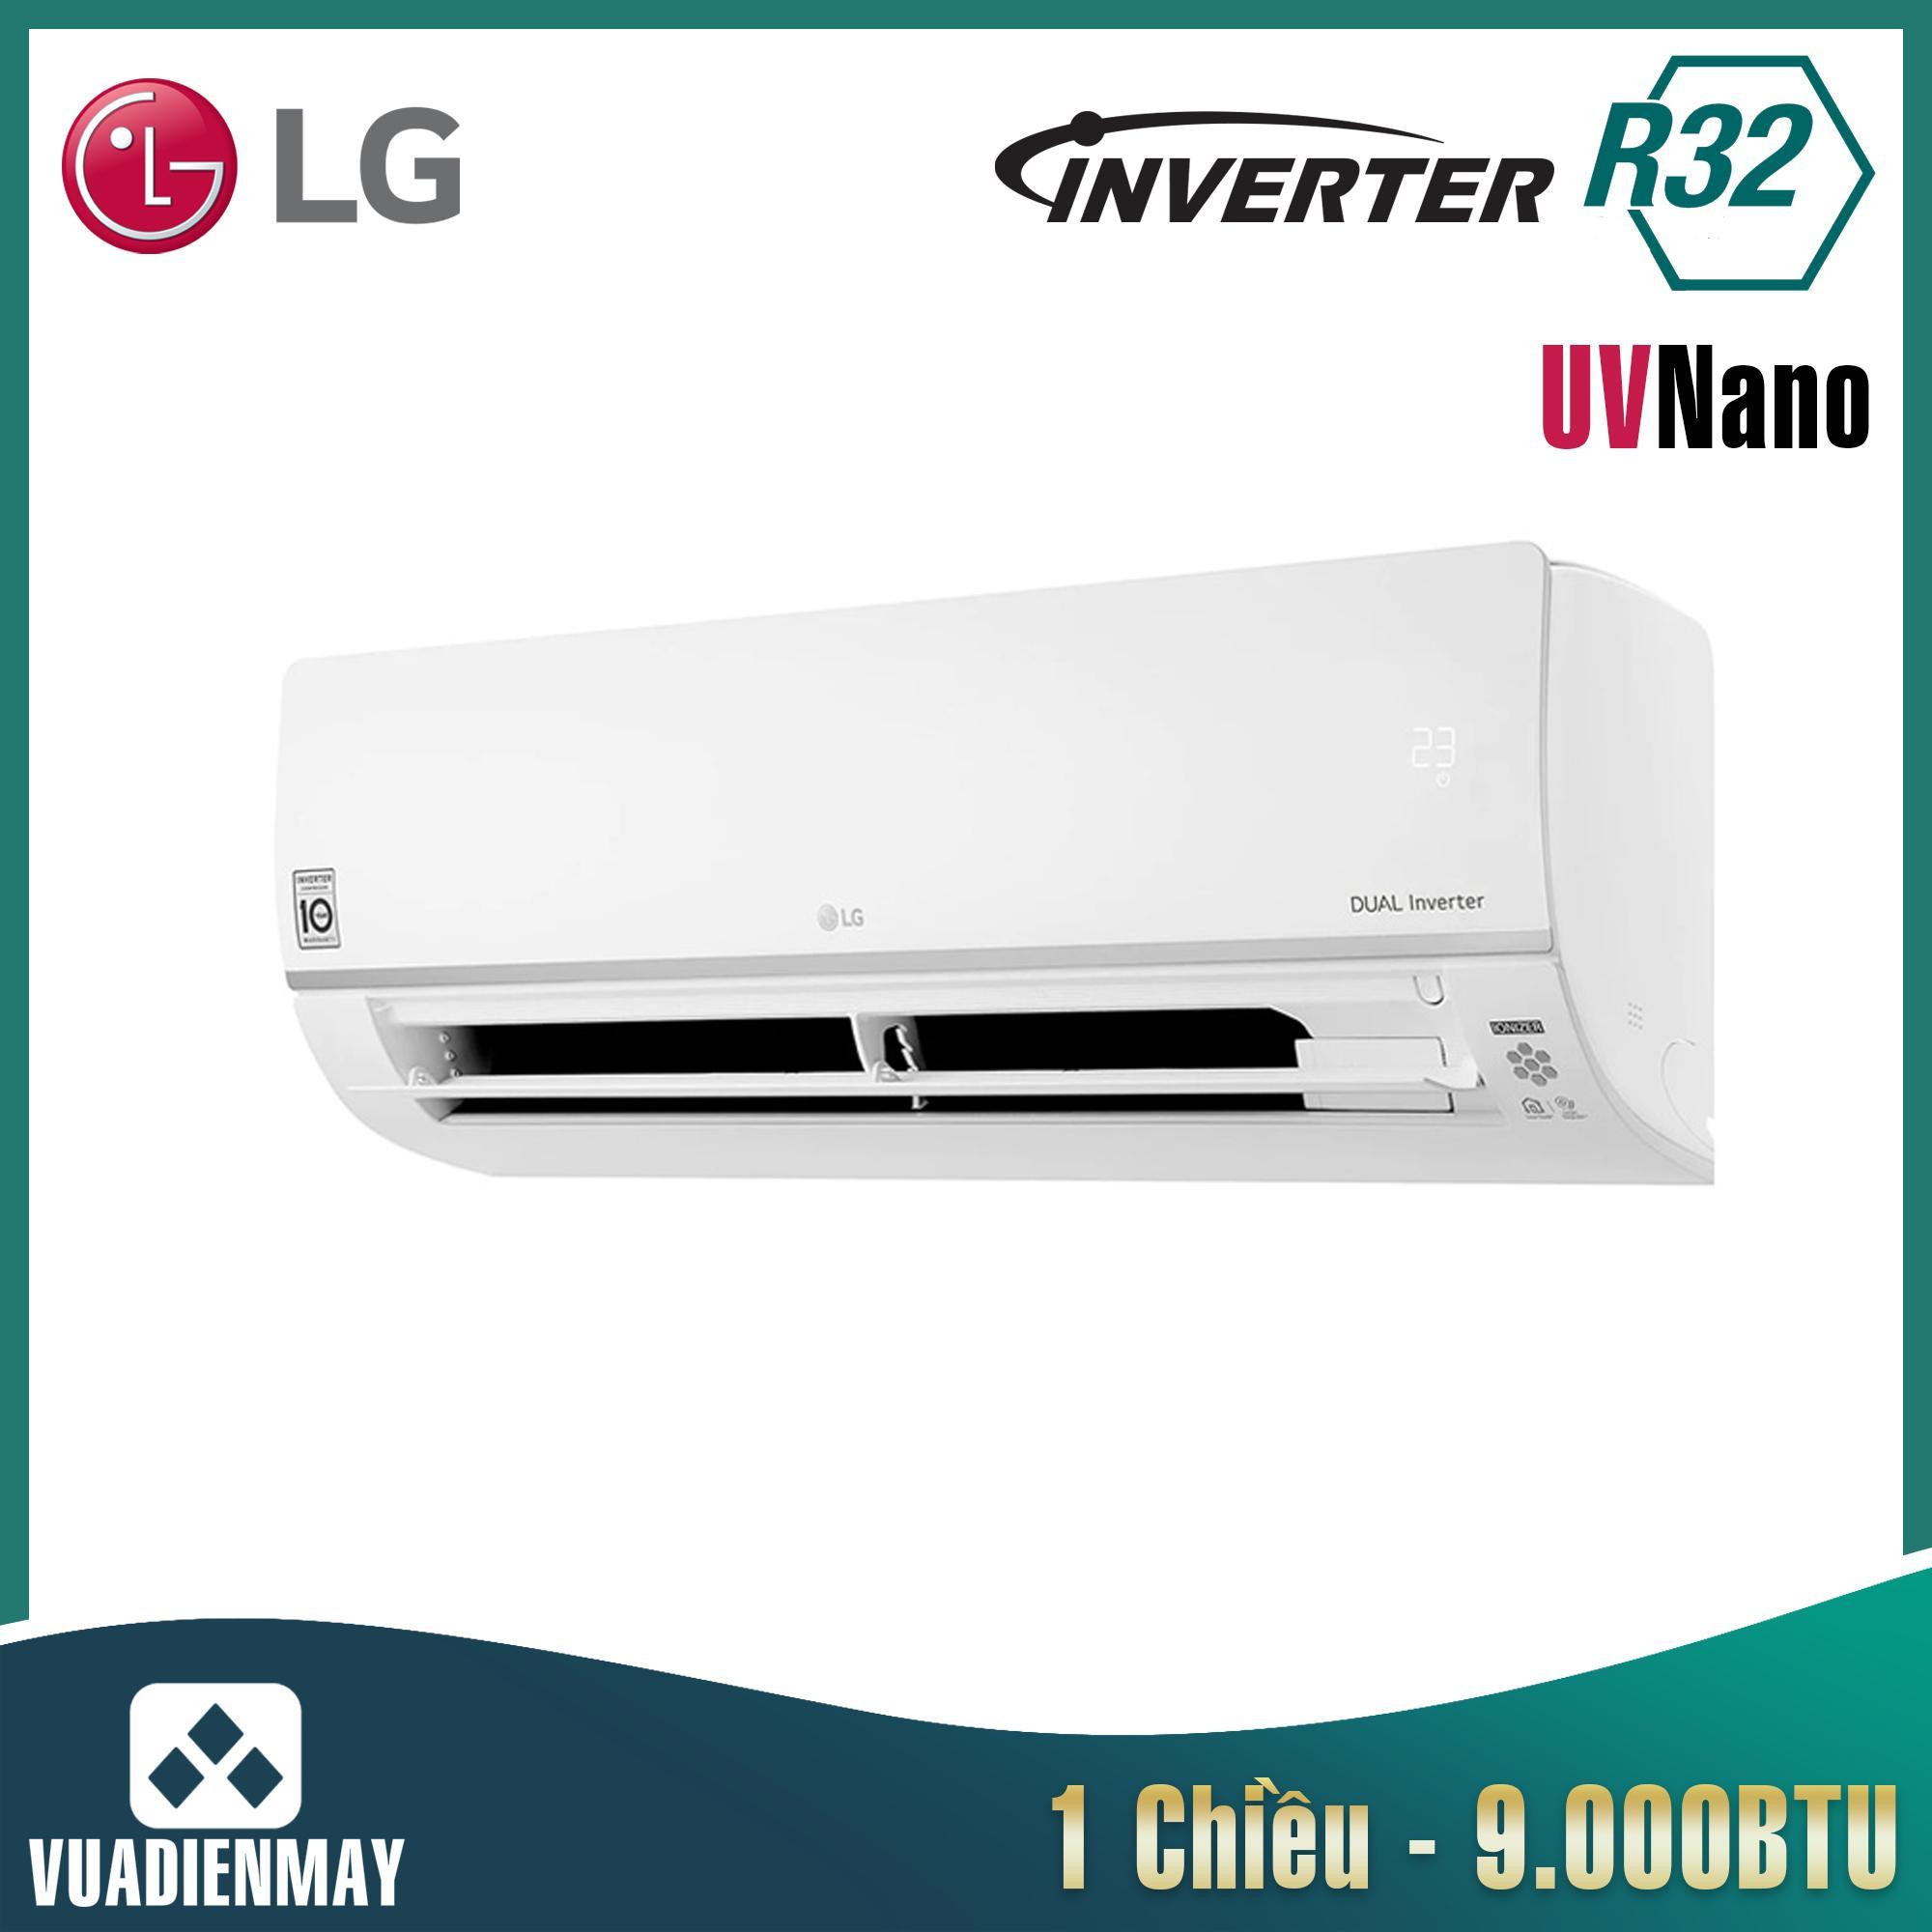 V10APIUV, Điều hòa LG 9000BTU 1 chiều Inverter UV Nano